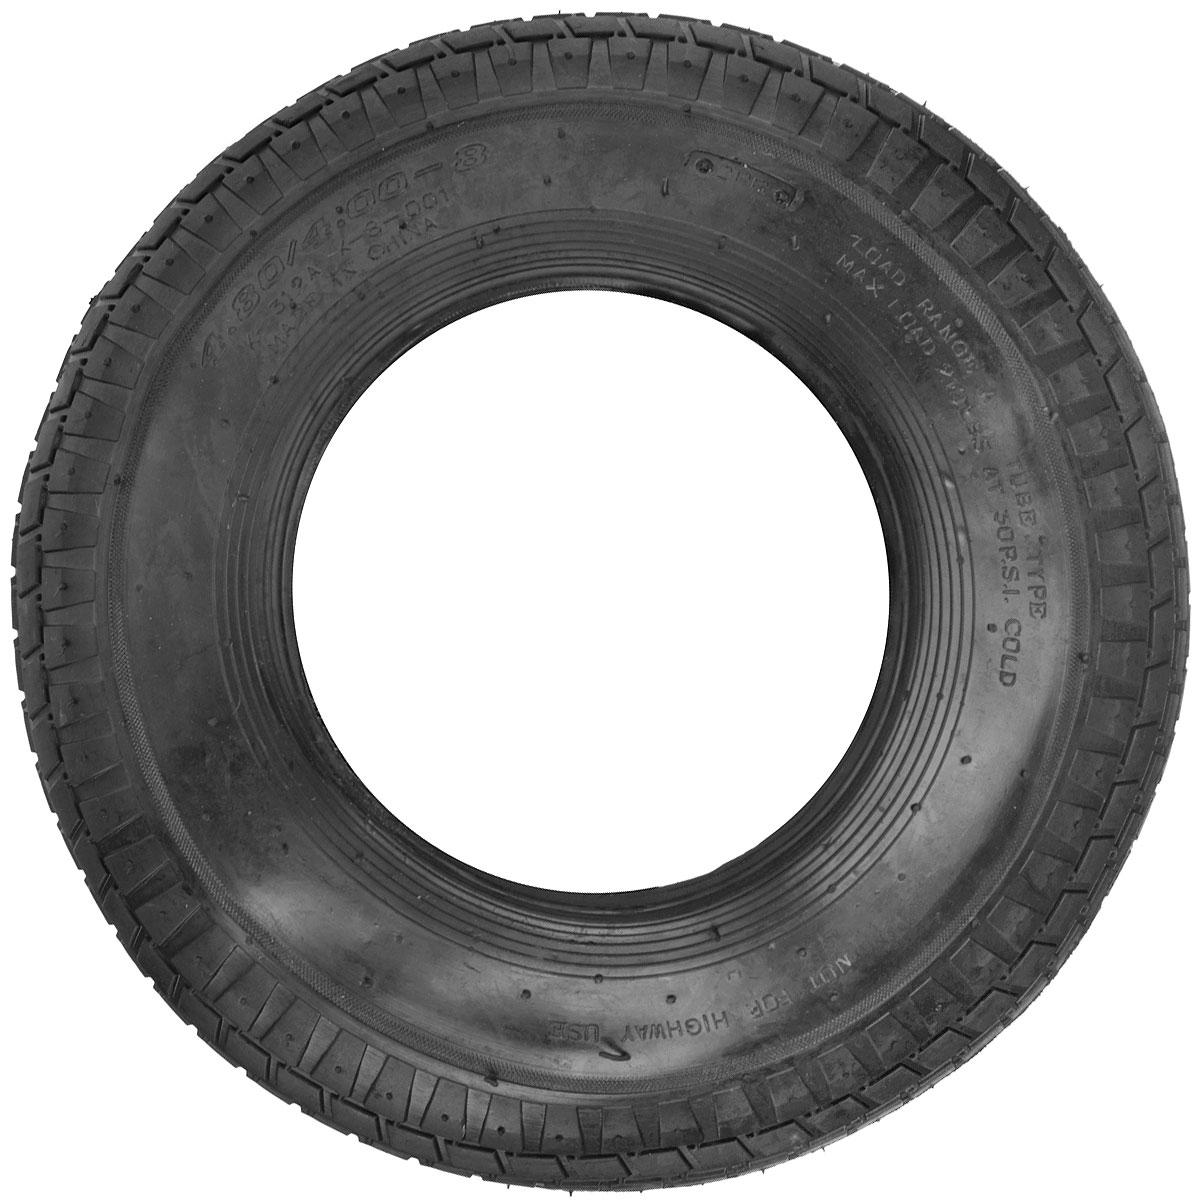 Шина запасная для колеса Fit, 4.80/4.00-8 (16 x 4)C0027374Шина запасная для колеса Fit является запасным элементом для тачки. Диаметр надувного колеса 16 x 4. Рабочее давление 2 атм (бар). Максимальное давление 3,2 атм (бар). Характеристики: Материал: резина. Размеры шины: 16 x 4. Размеры упаковки: 40 см х 40 см х 5 см.